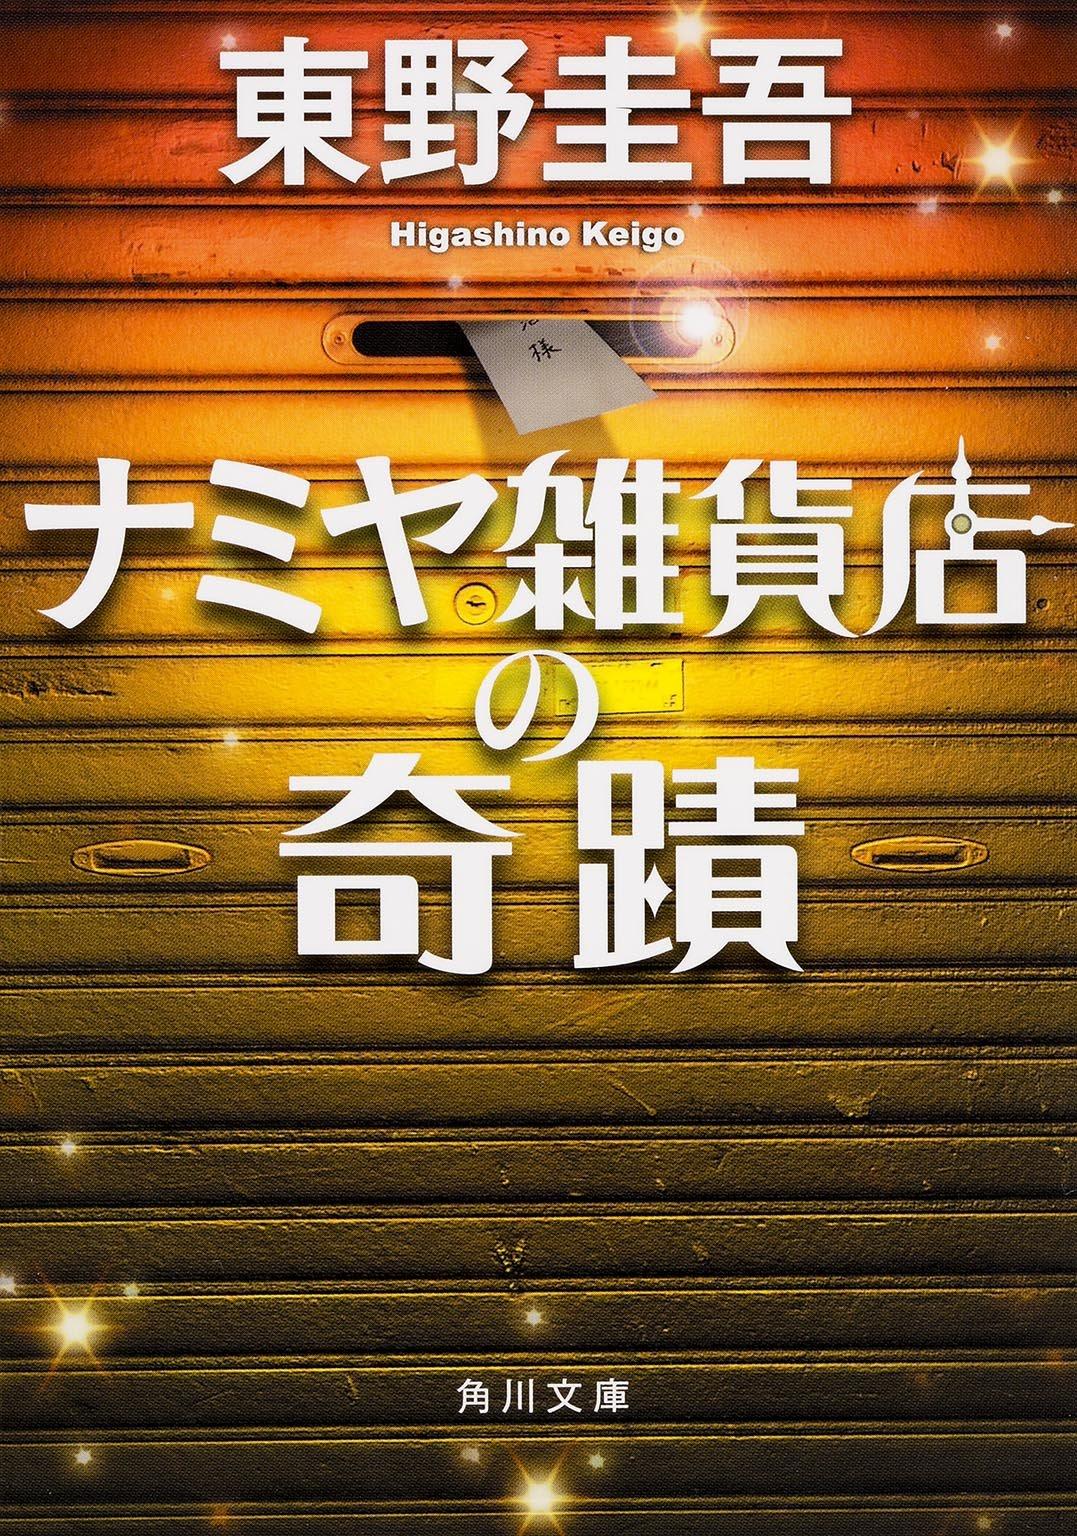 東野圭吾作品オススメ15選!泣ける!感動必至!!